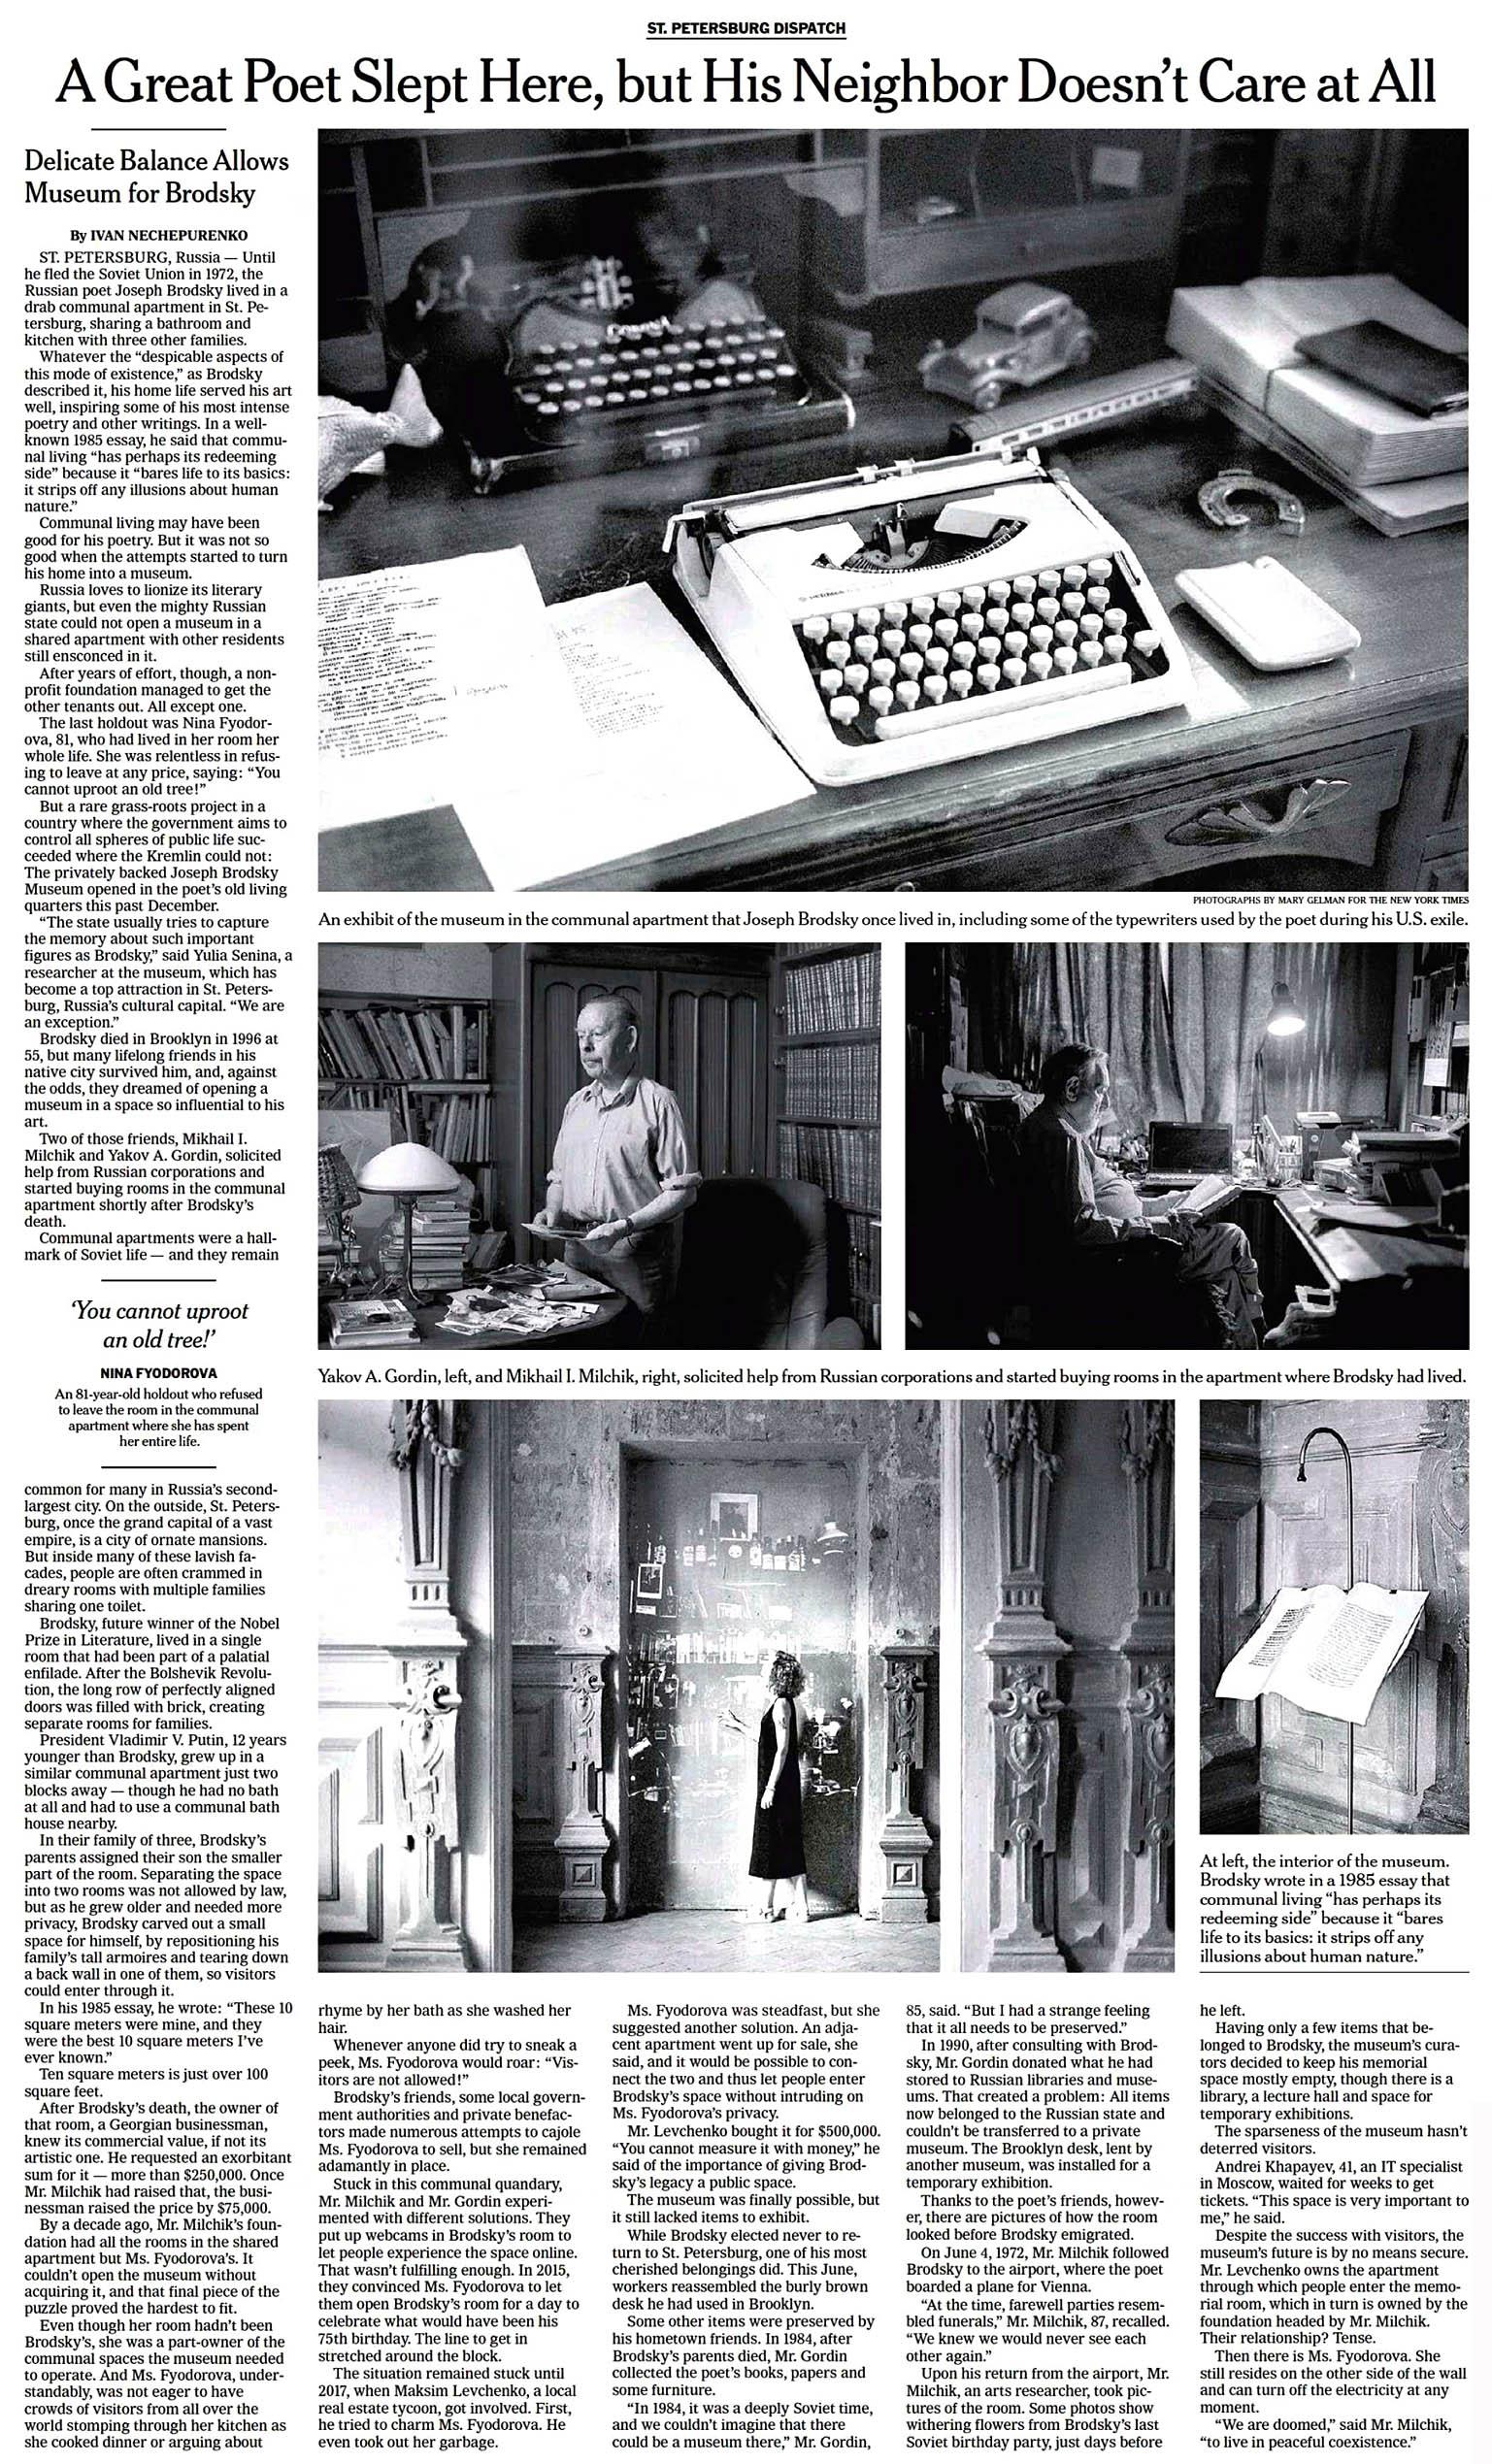 NYT 210913 Brodsky.jpg